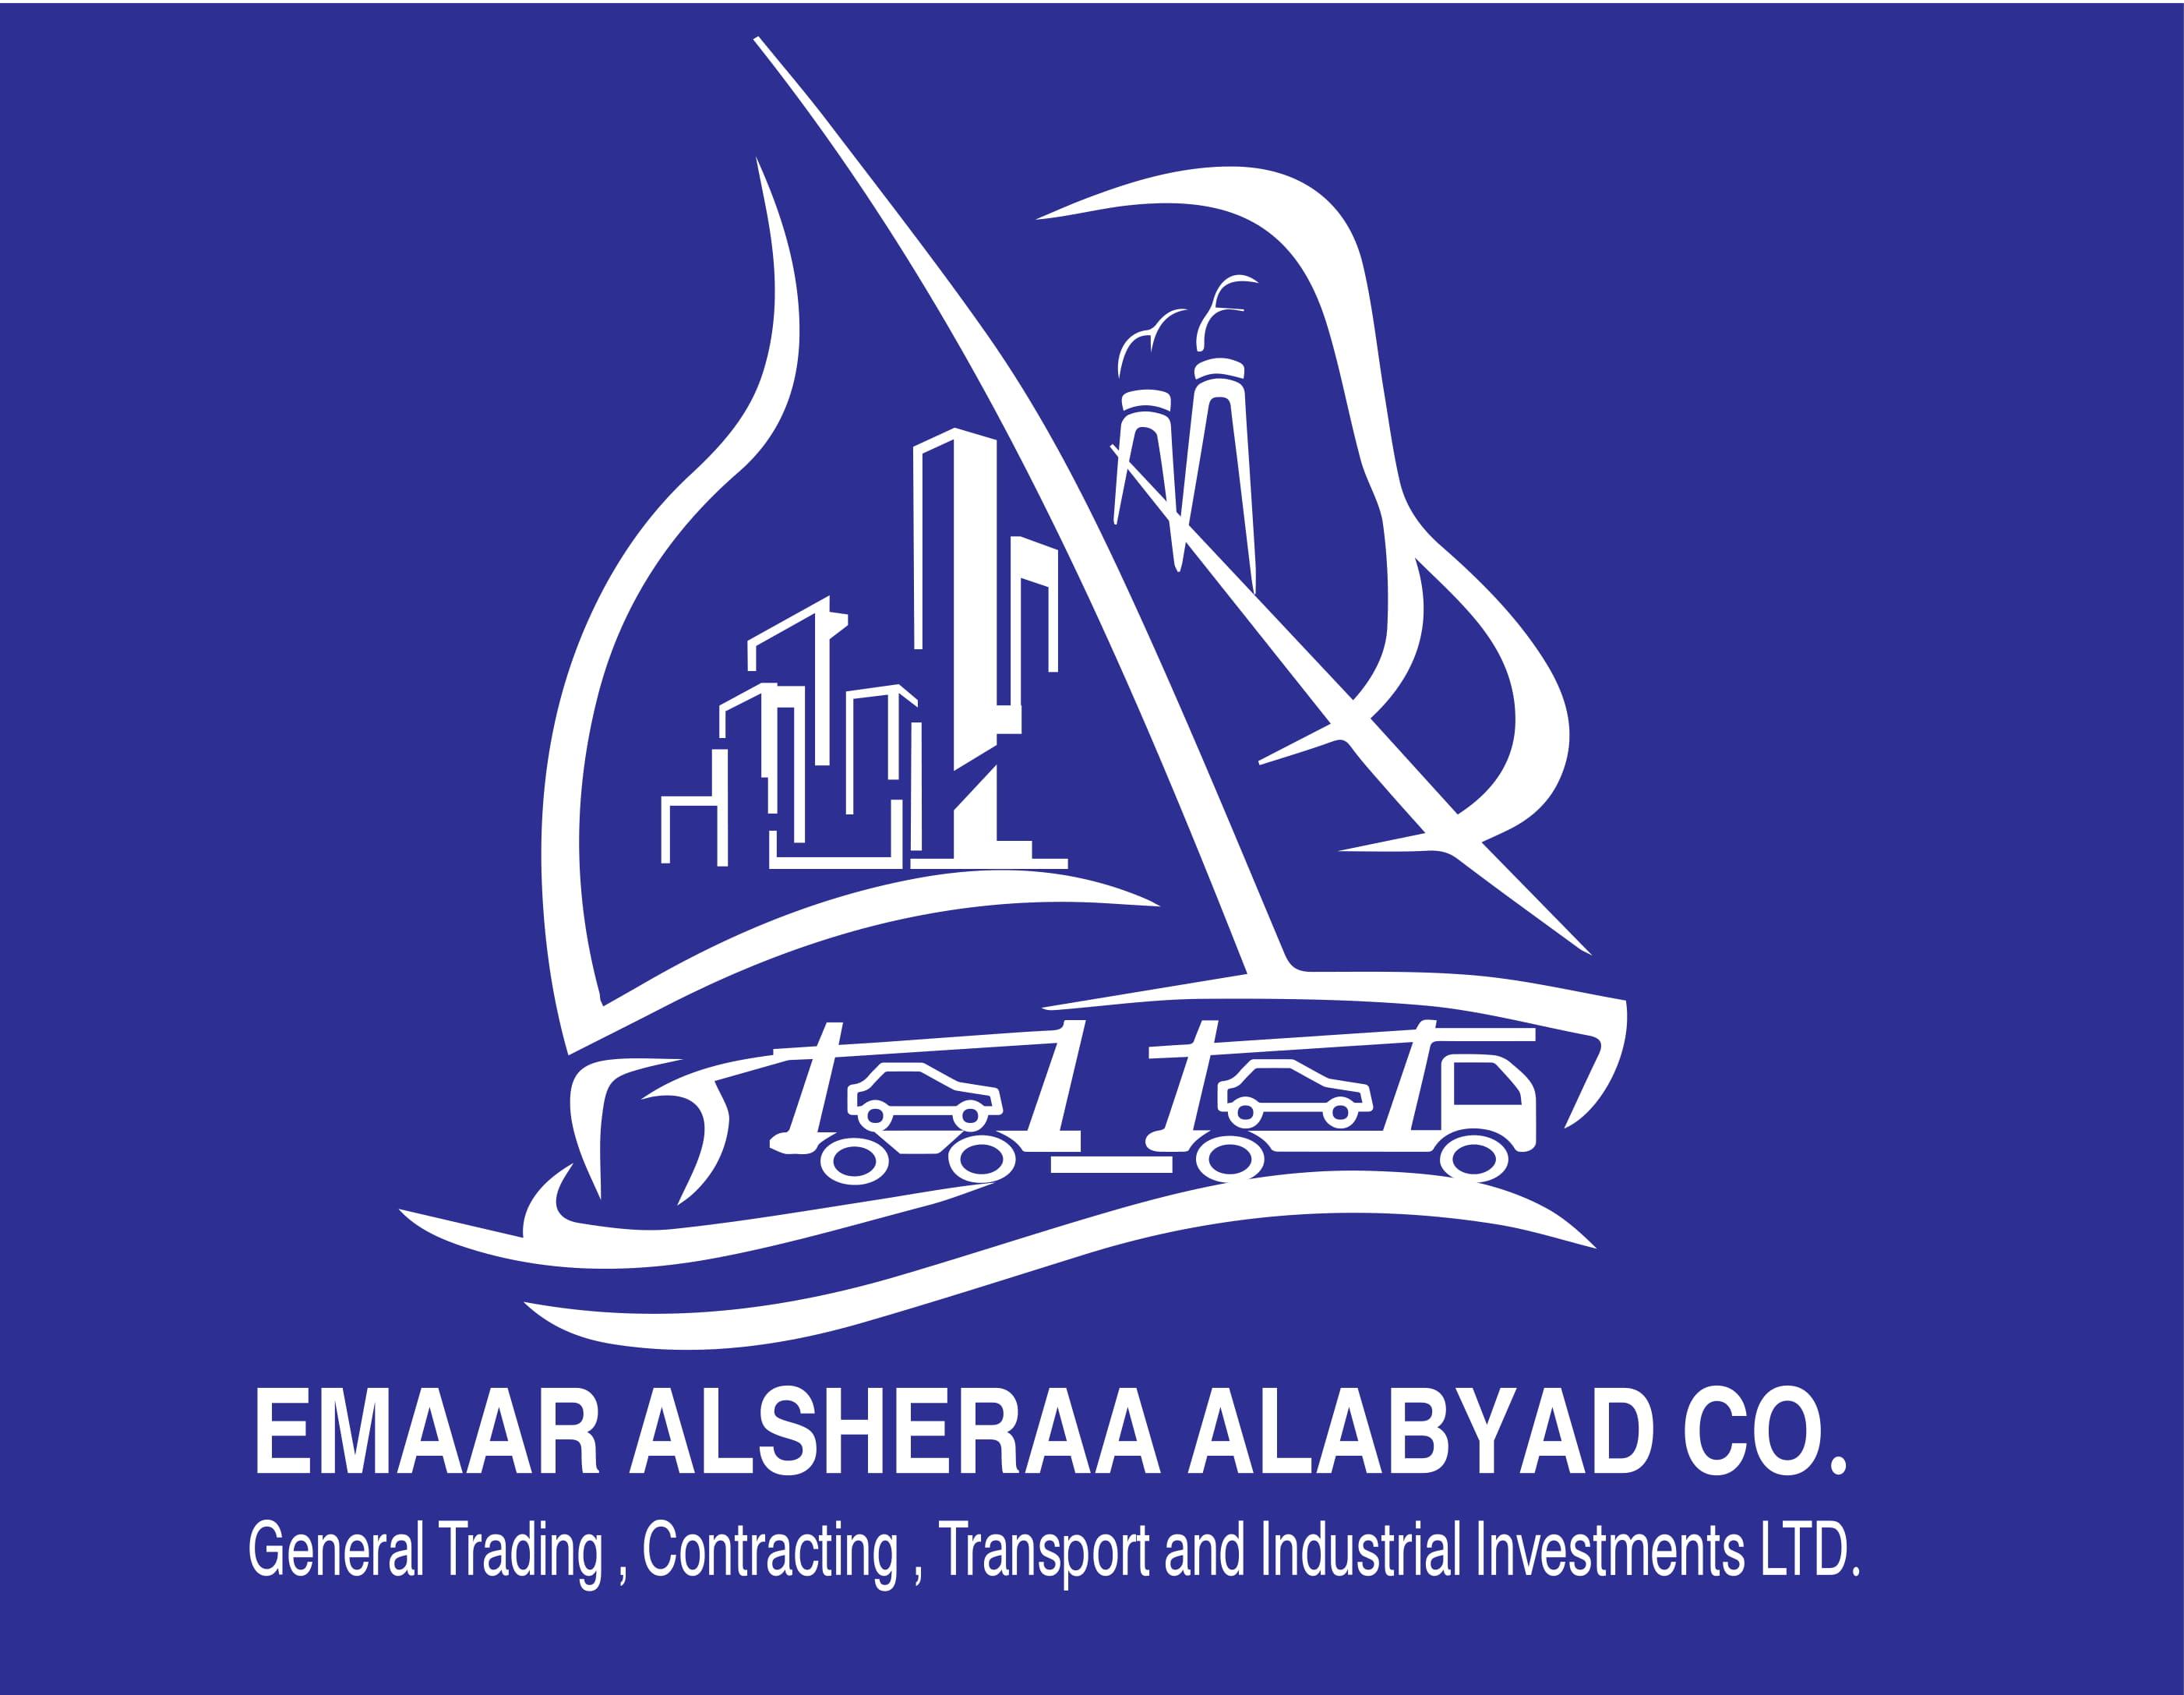 Emaar Elsheraa Albayad Co